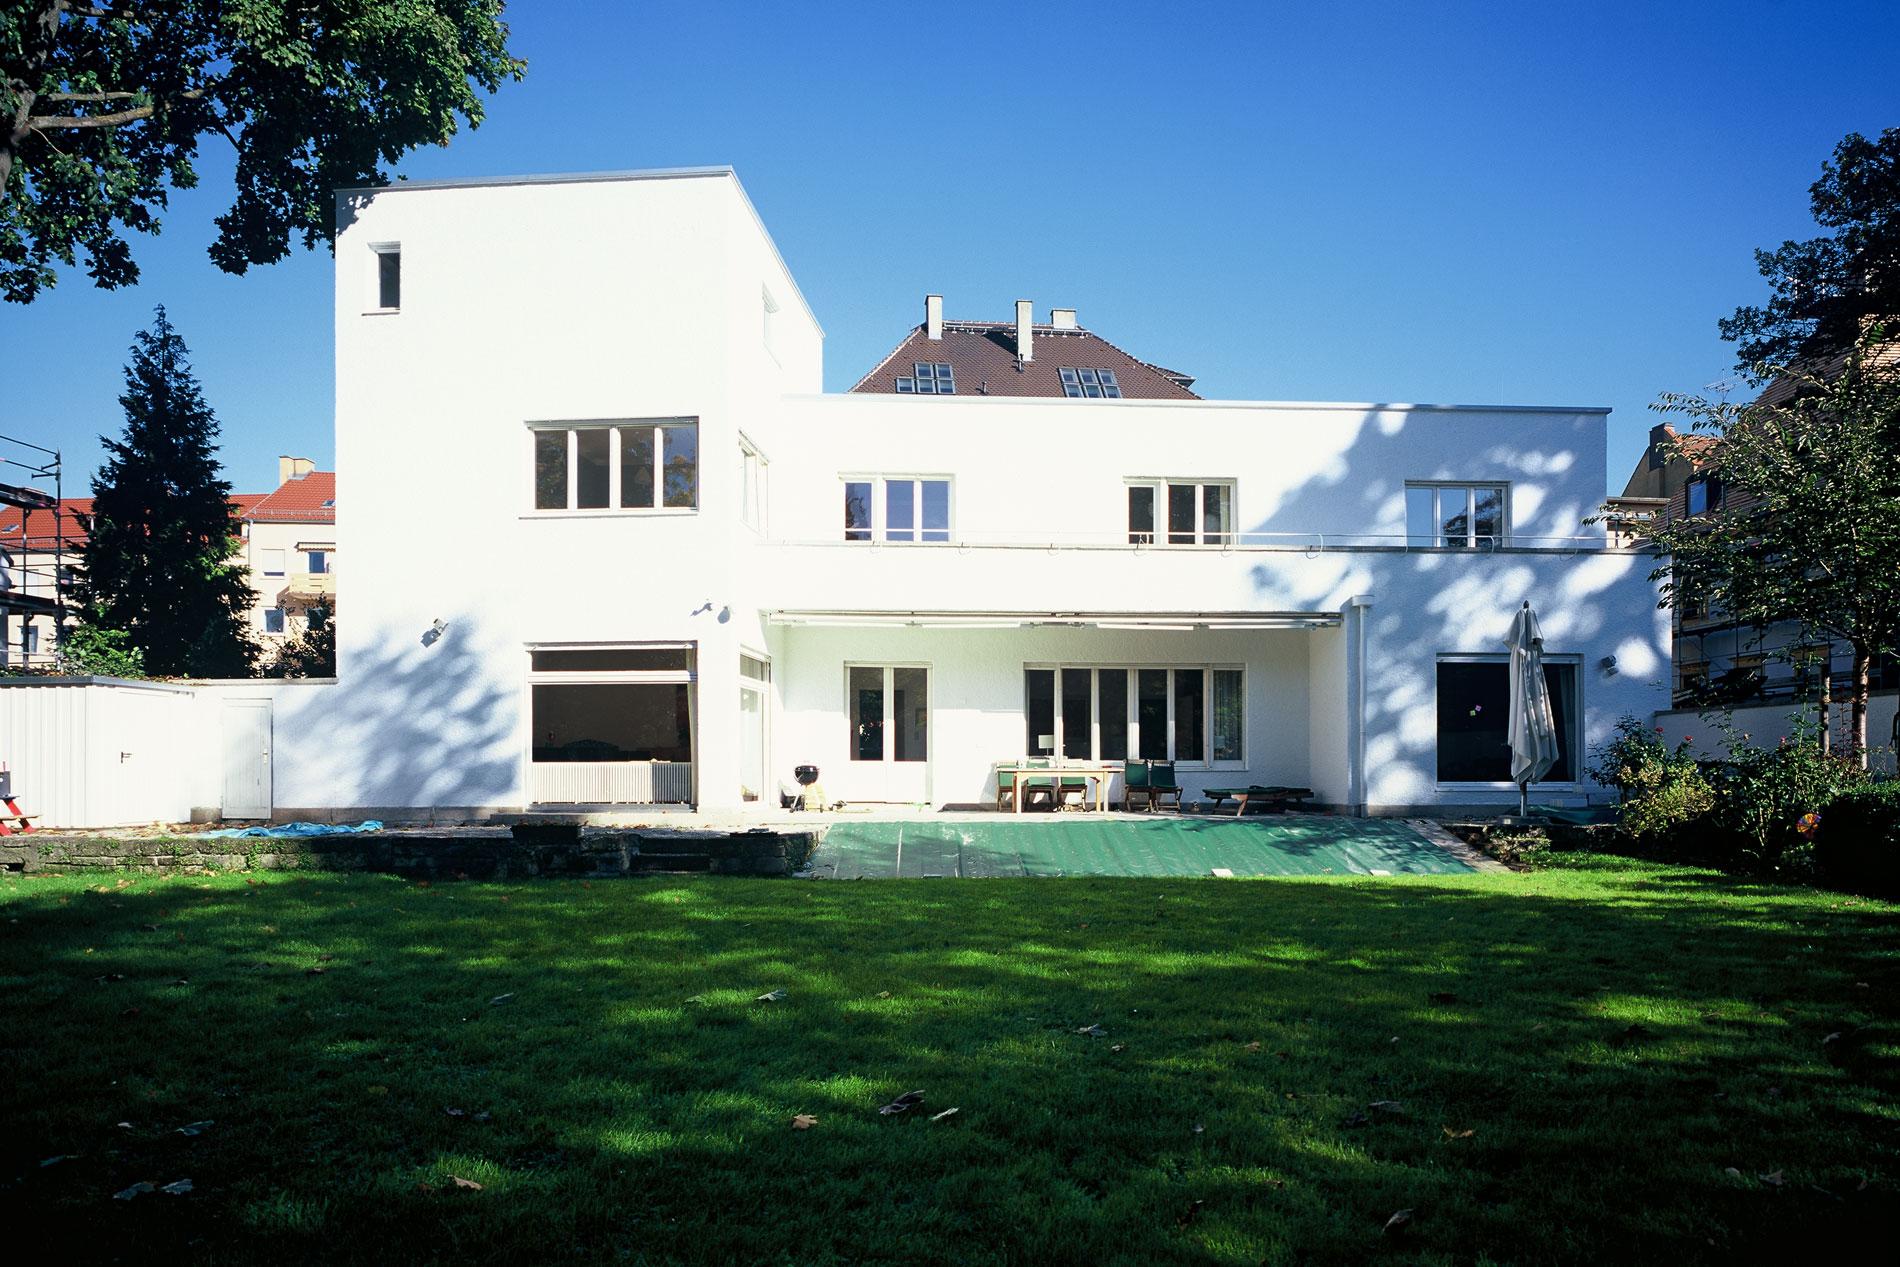 einfamilienhaus m nchen 06 autharistr wollmann architekten. Black Bedroom Furniture Sets. Home Design Ideas